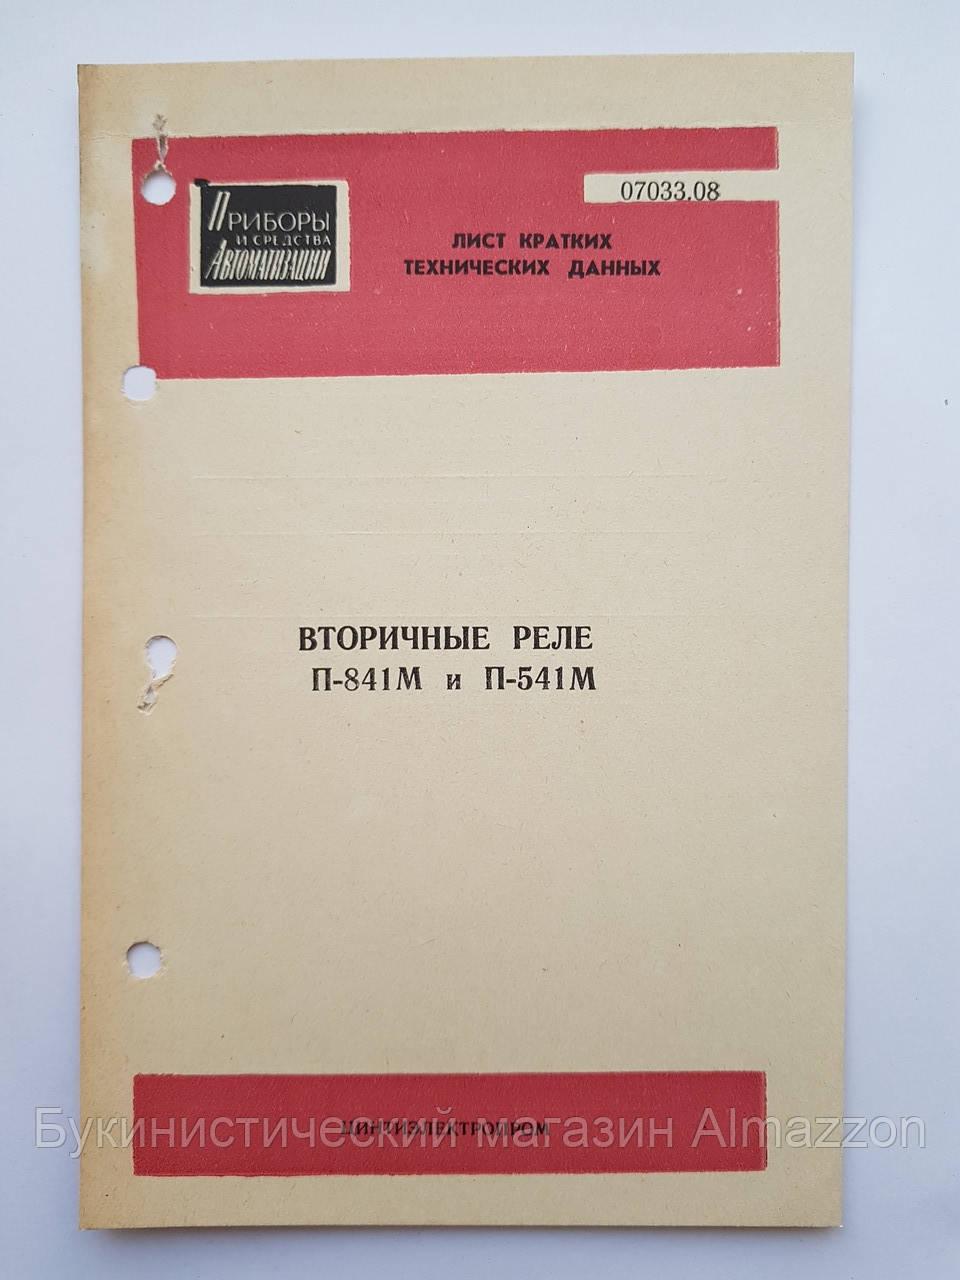 """Лист кратких технических данных """"Вторичные реле П-841М и П-541М  07033.08"""""""